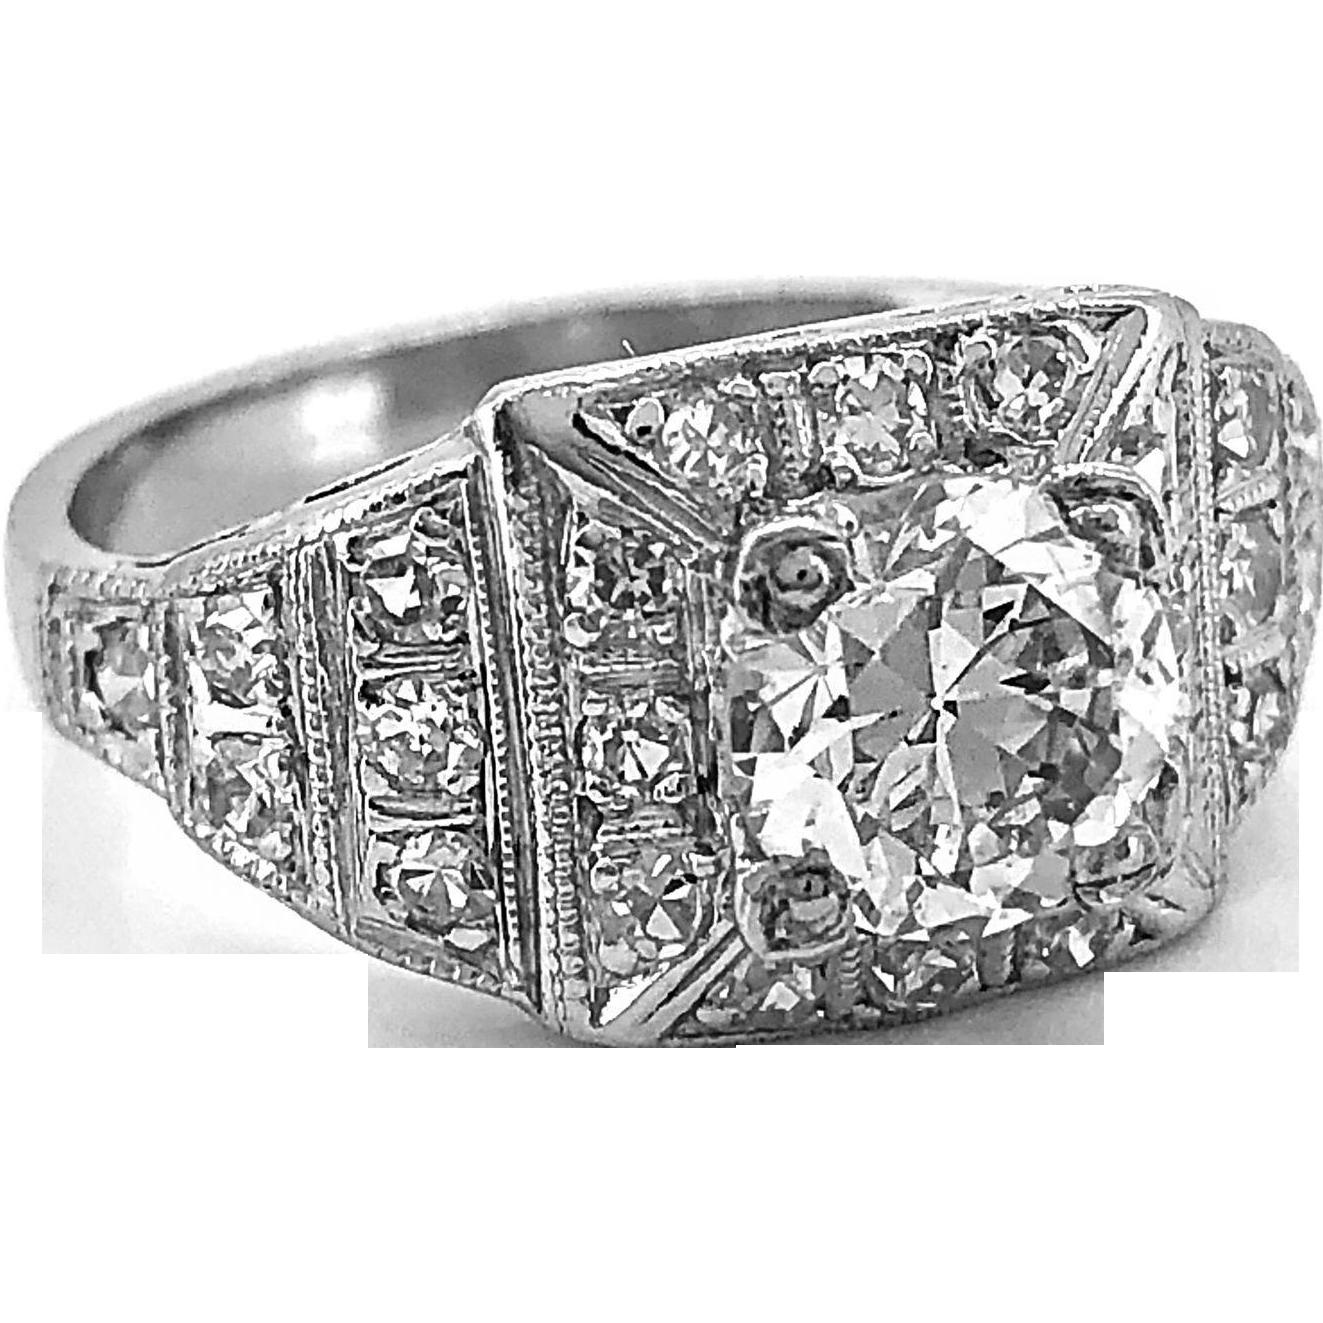 Antique Engagement Ring .97ct. Diamond & Platinum Art Deco - J35760